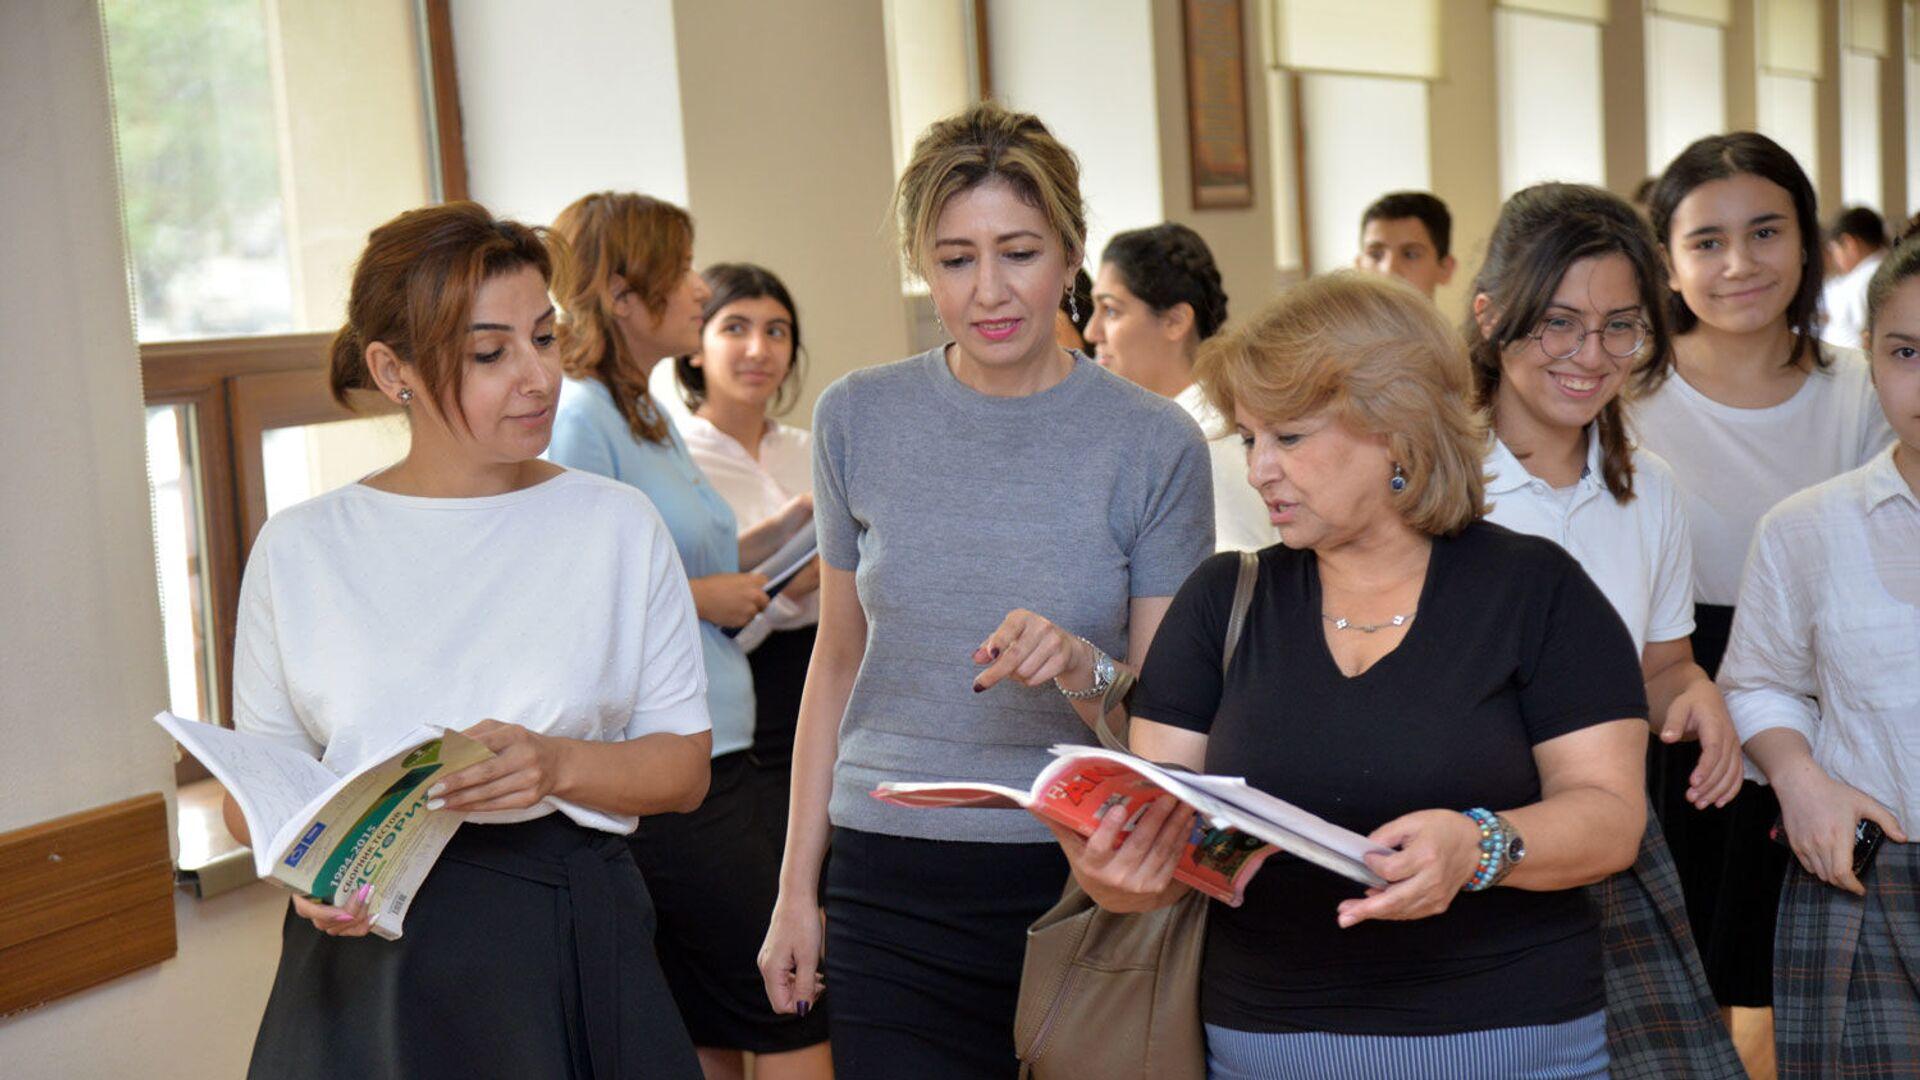 В одной из бакинских школ, фото из архива  - Sputnik Азербайджан, 1920, 08.05.2021